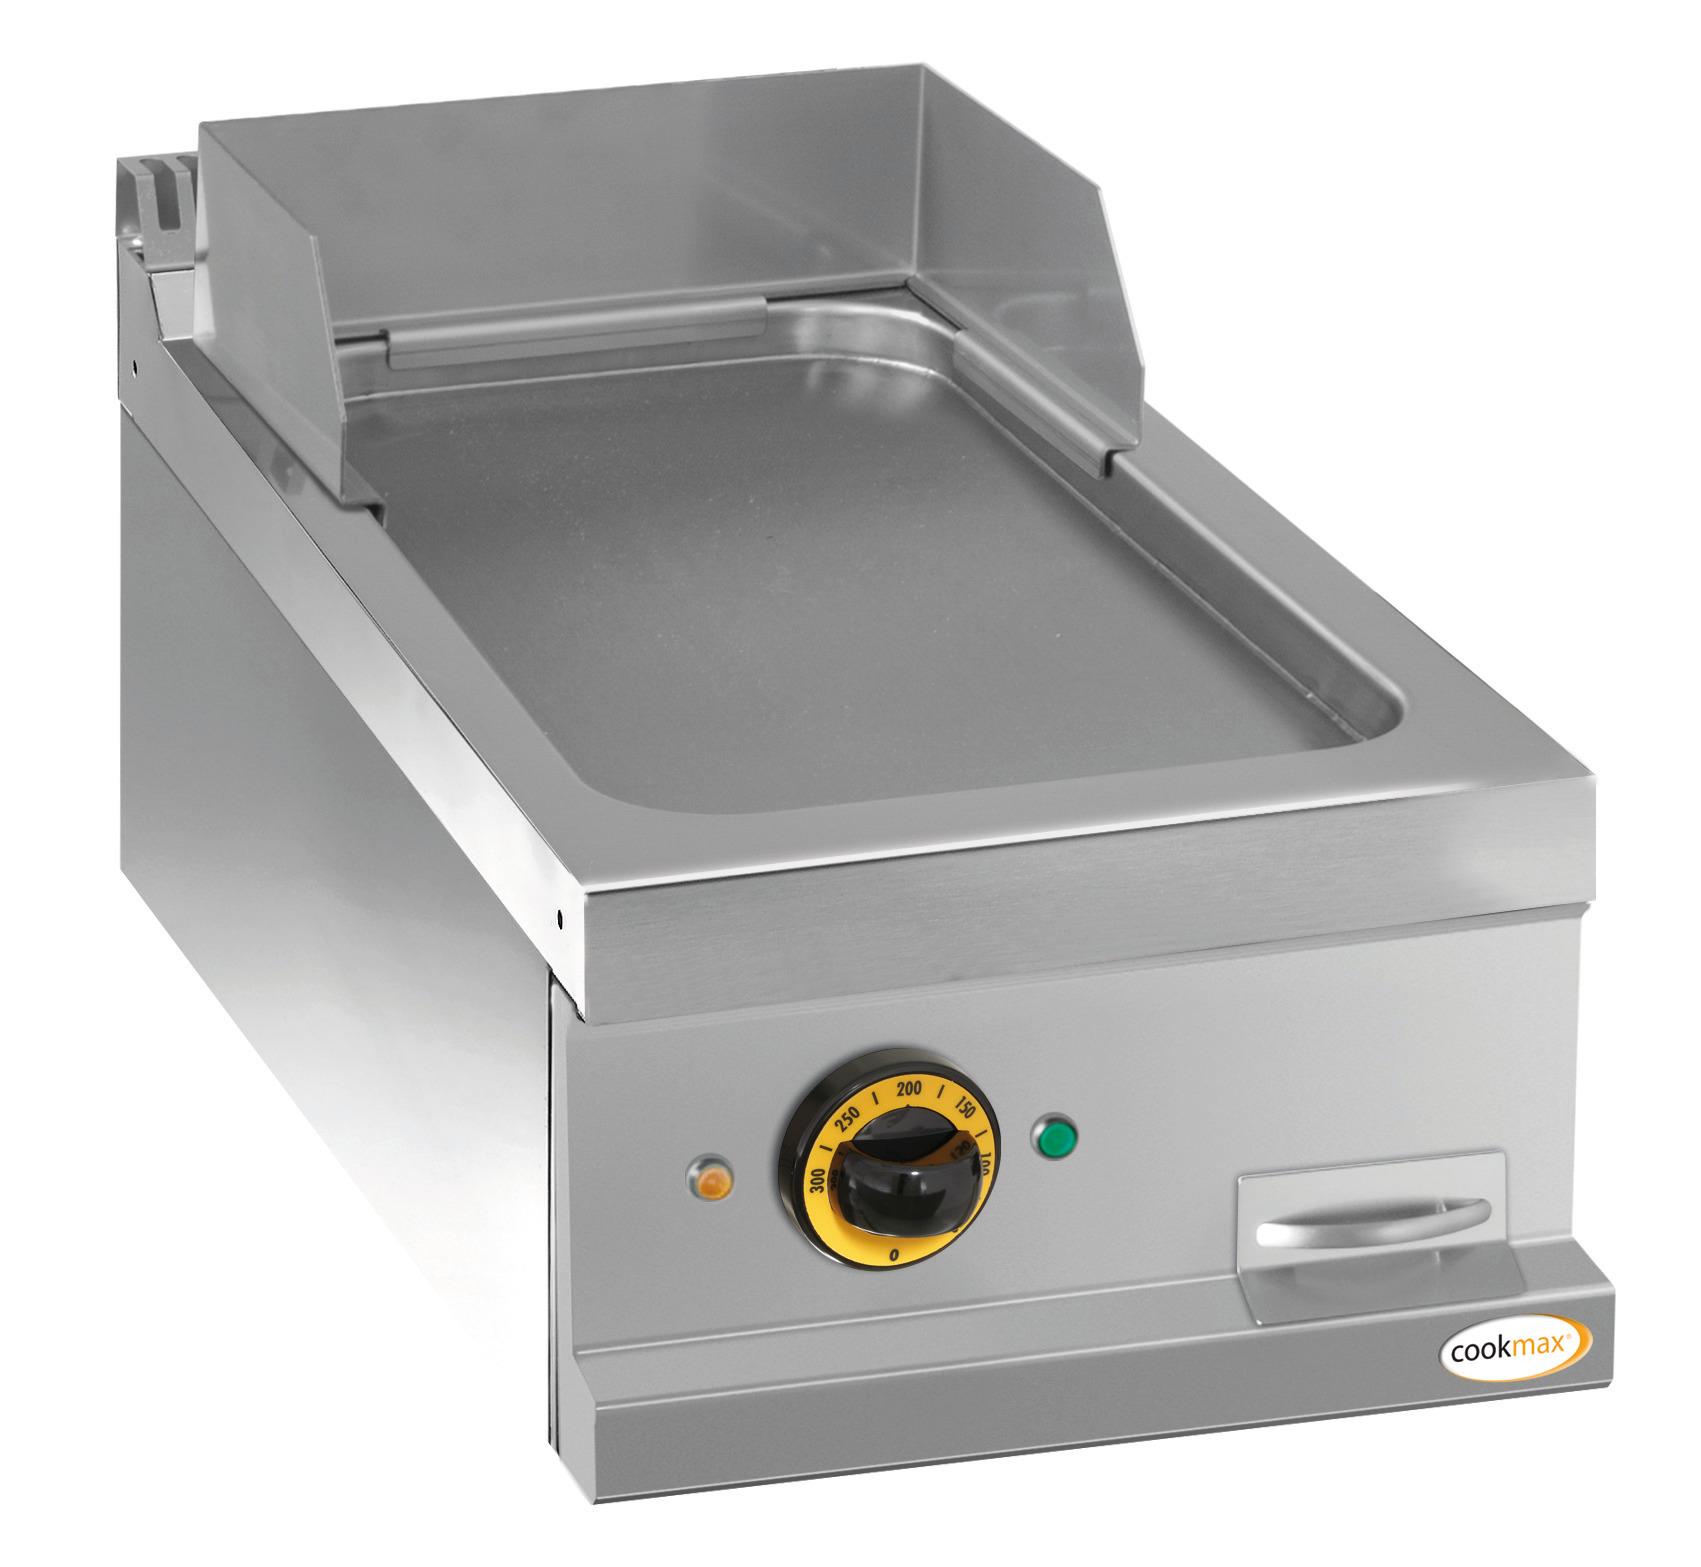 Elektro-Grillplatte glatt 1 Heizzone 400 x 700 x 250 mm